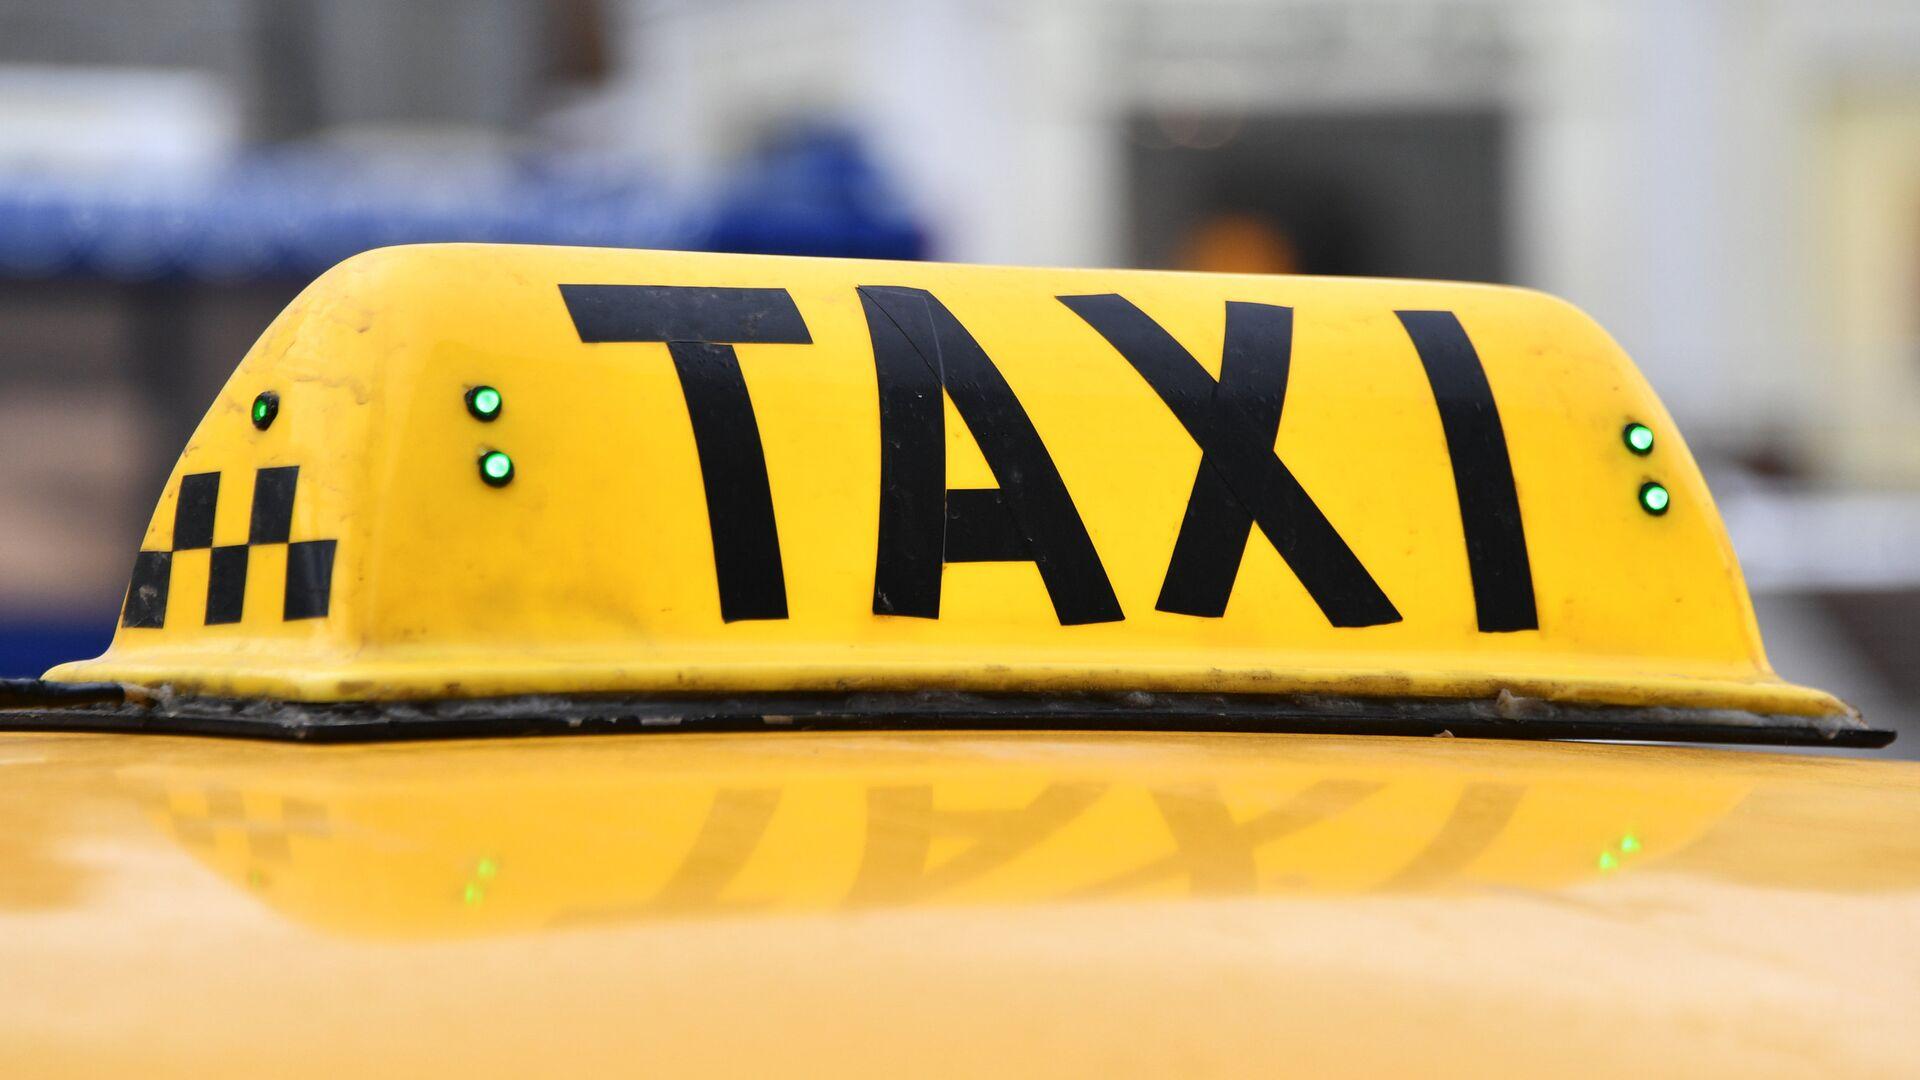 В Москве таксист изнасиловал уснувшую в машине женщину, сообщил источник